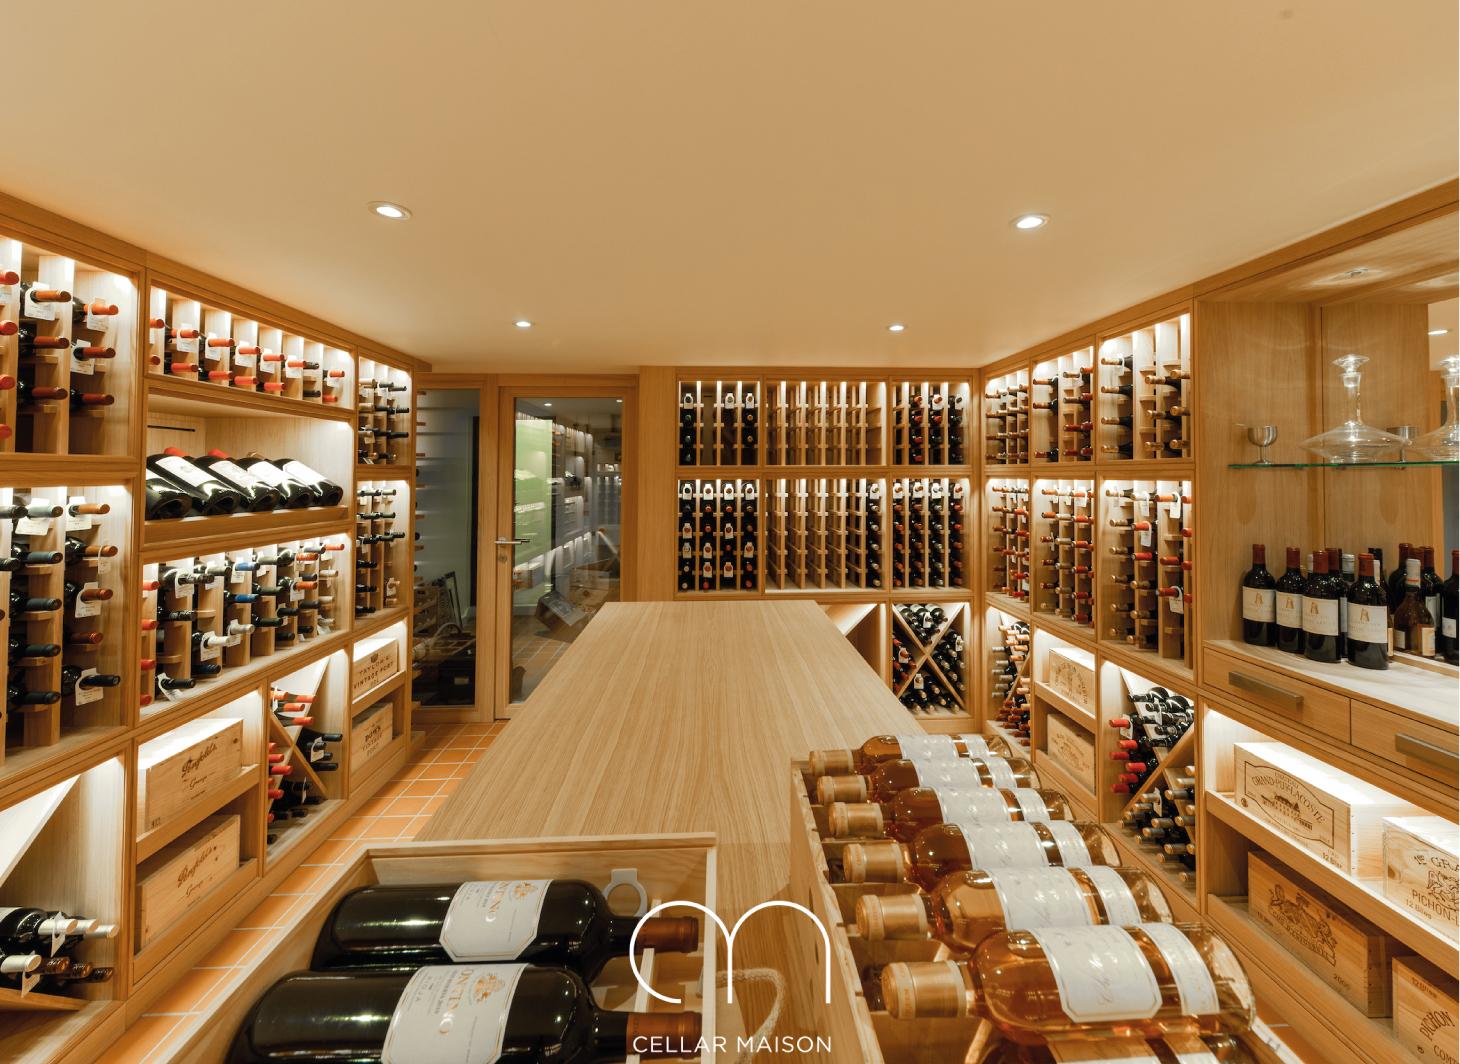 Genesis Wine Cellar Gallery 1